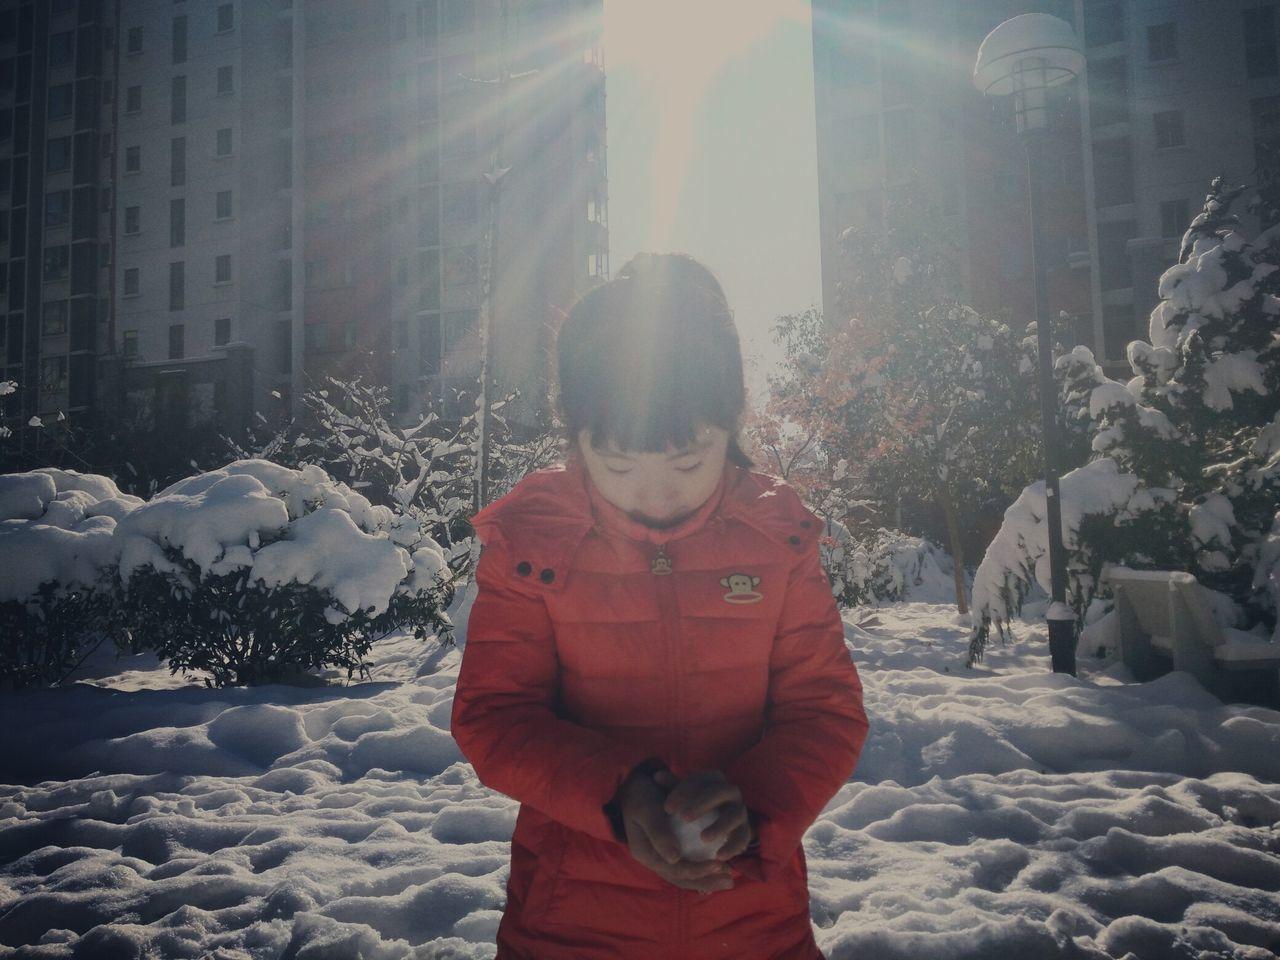 2015的冬天 一场大雪 First Eyeem Photo My Sister IPhone Take Photo